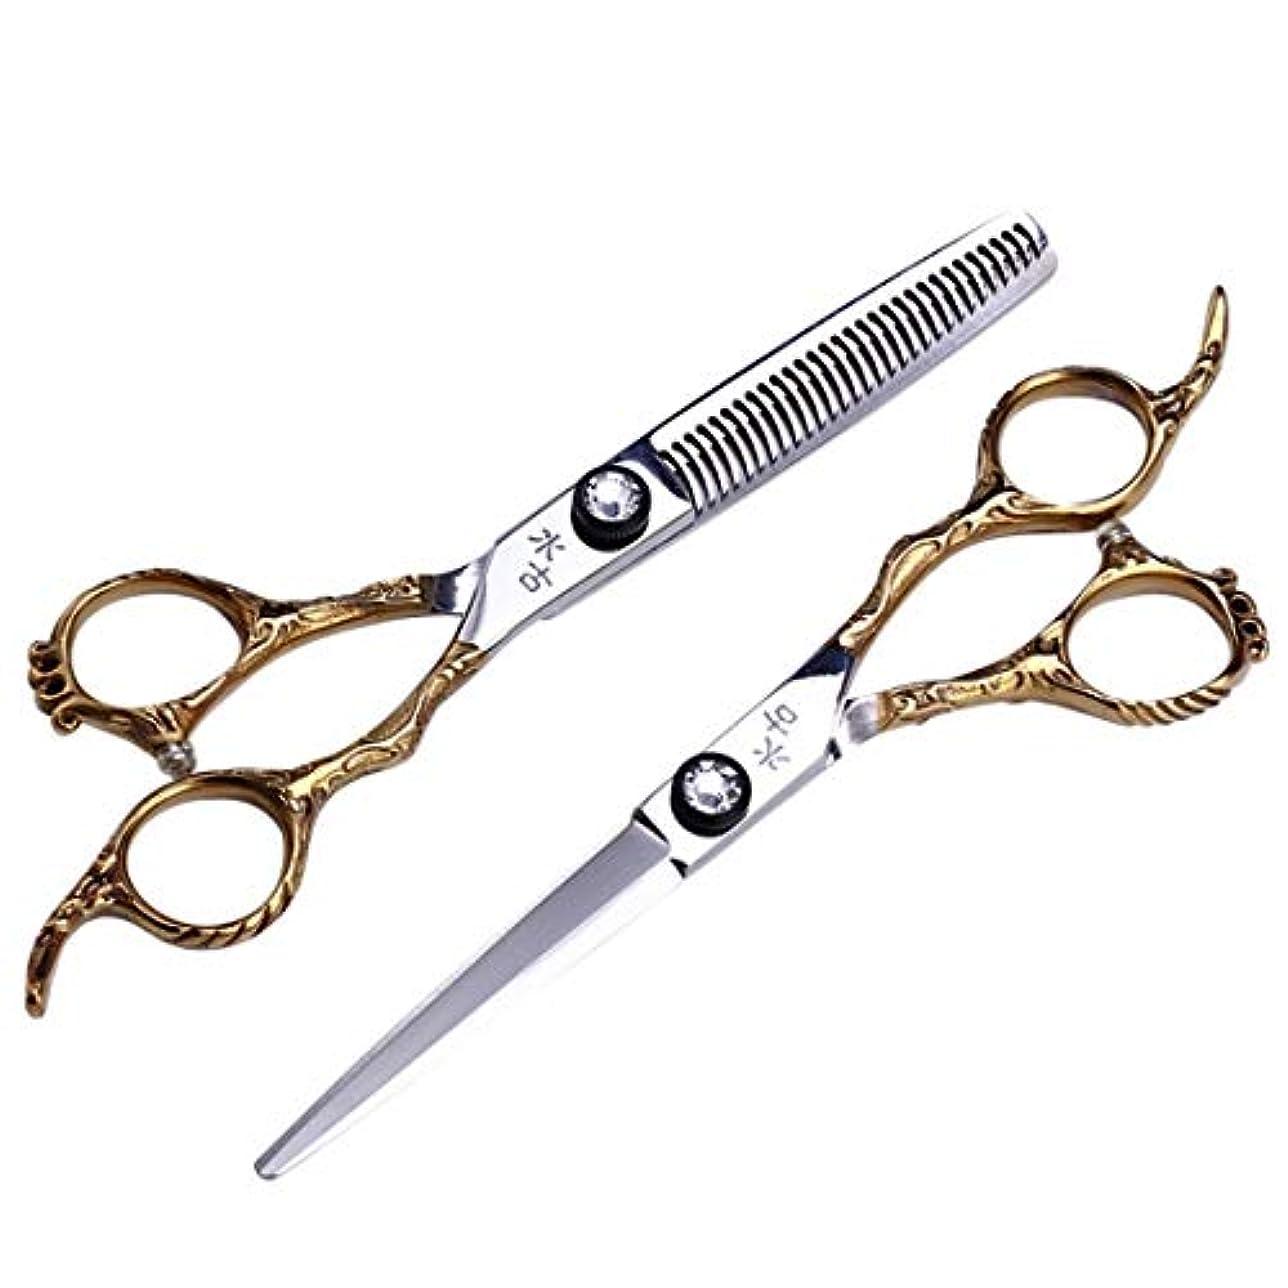 議題離れて遠征Jiaoran 水古代理髪はさみ理髪はさみヘアスタイリスト特別なフラットはさみ歯はさみ間伐剪断散髪6インチ